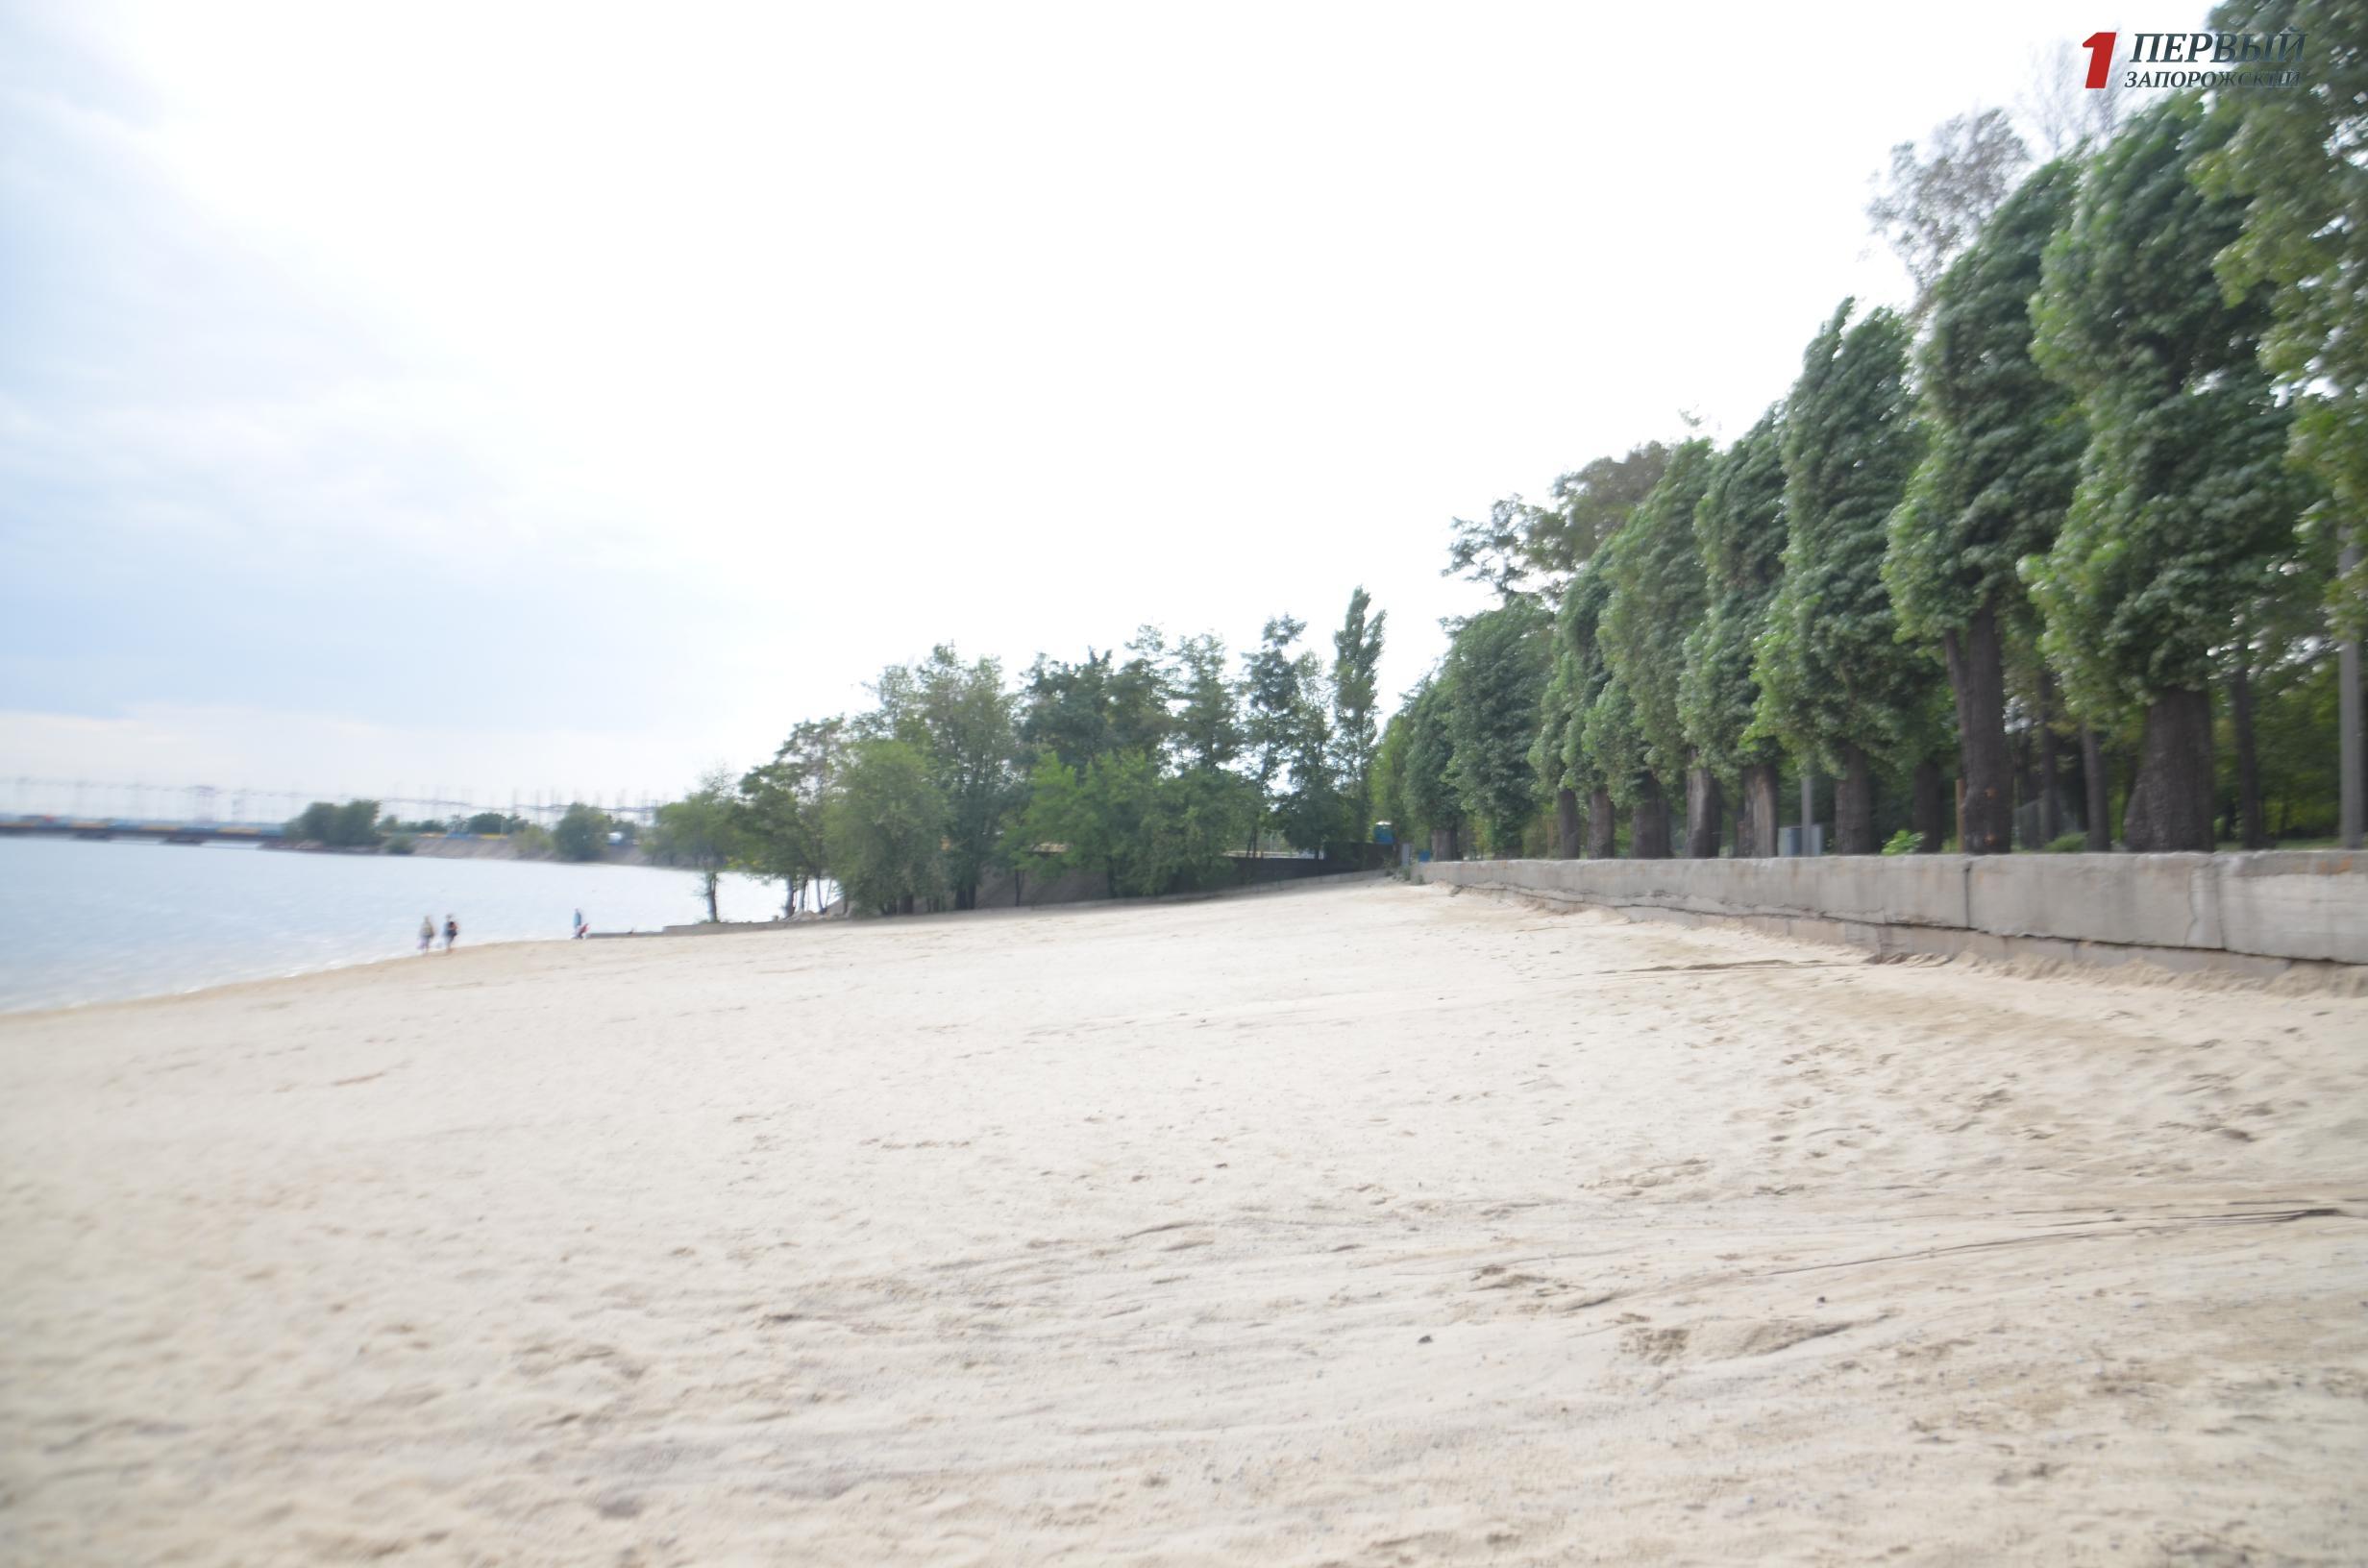 В Запорожье УКС отдаст новым подрядчикам более 8 миллионов гривен за завершение реконструкции Правобережного пляжа